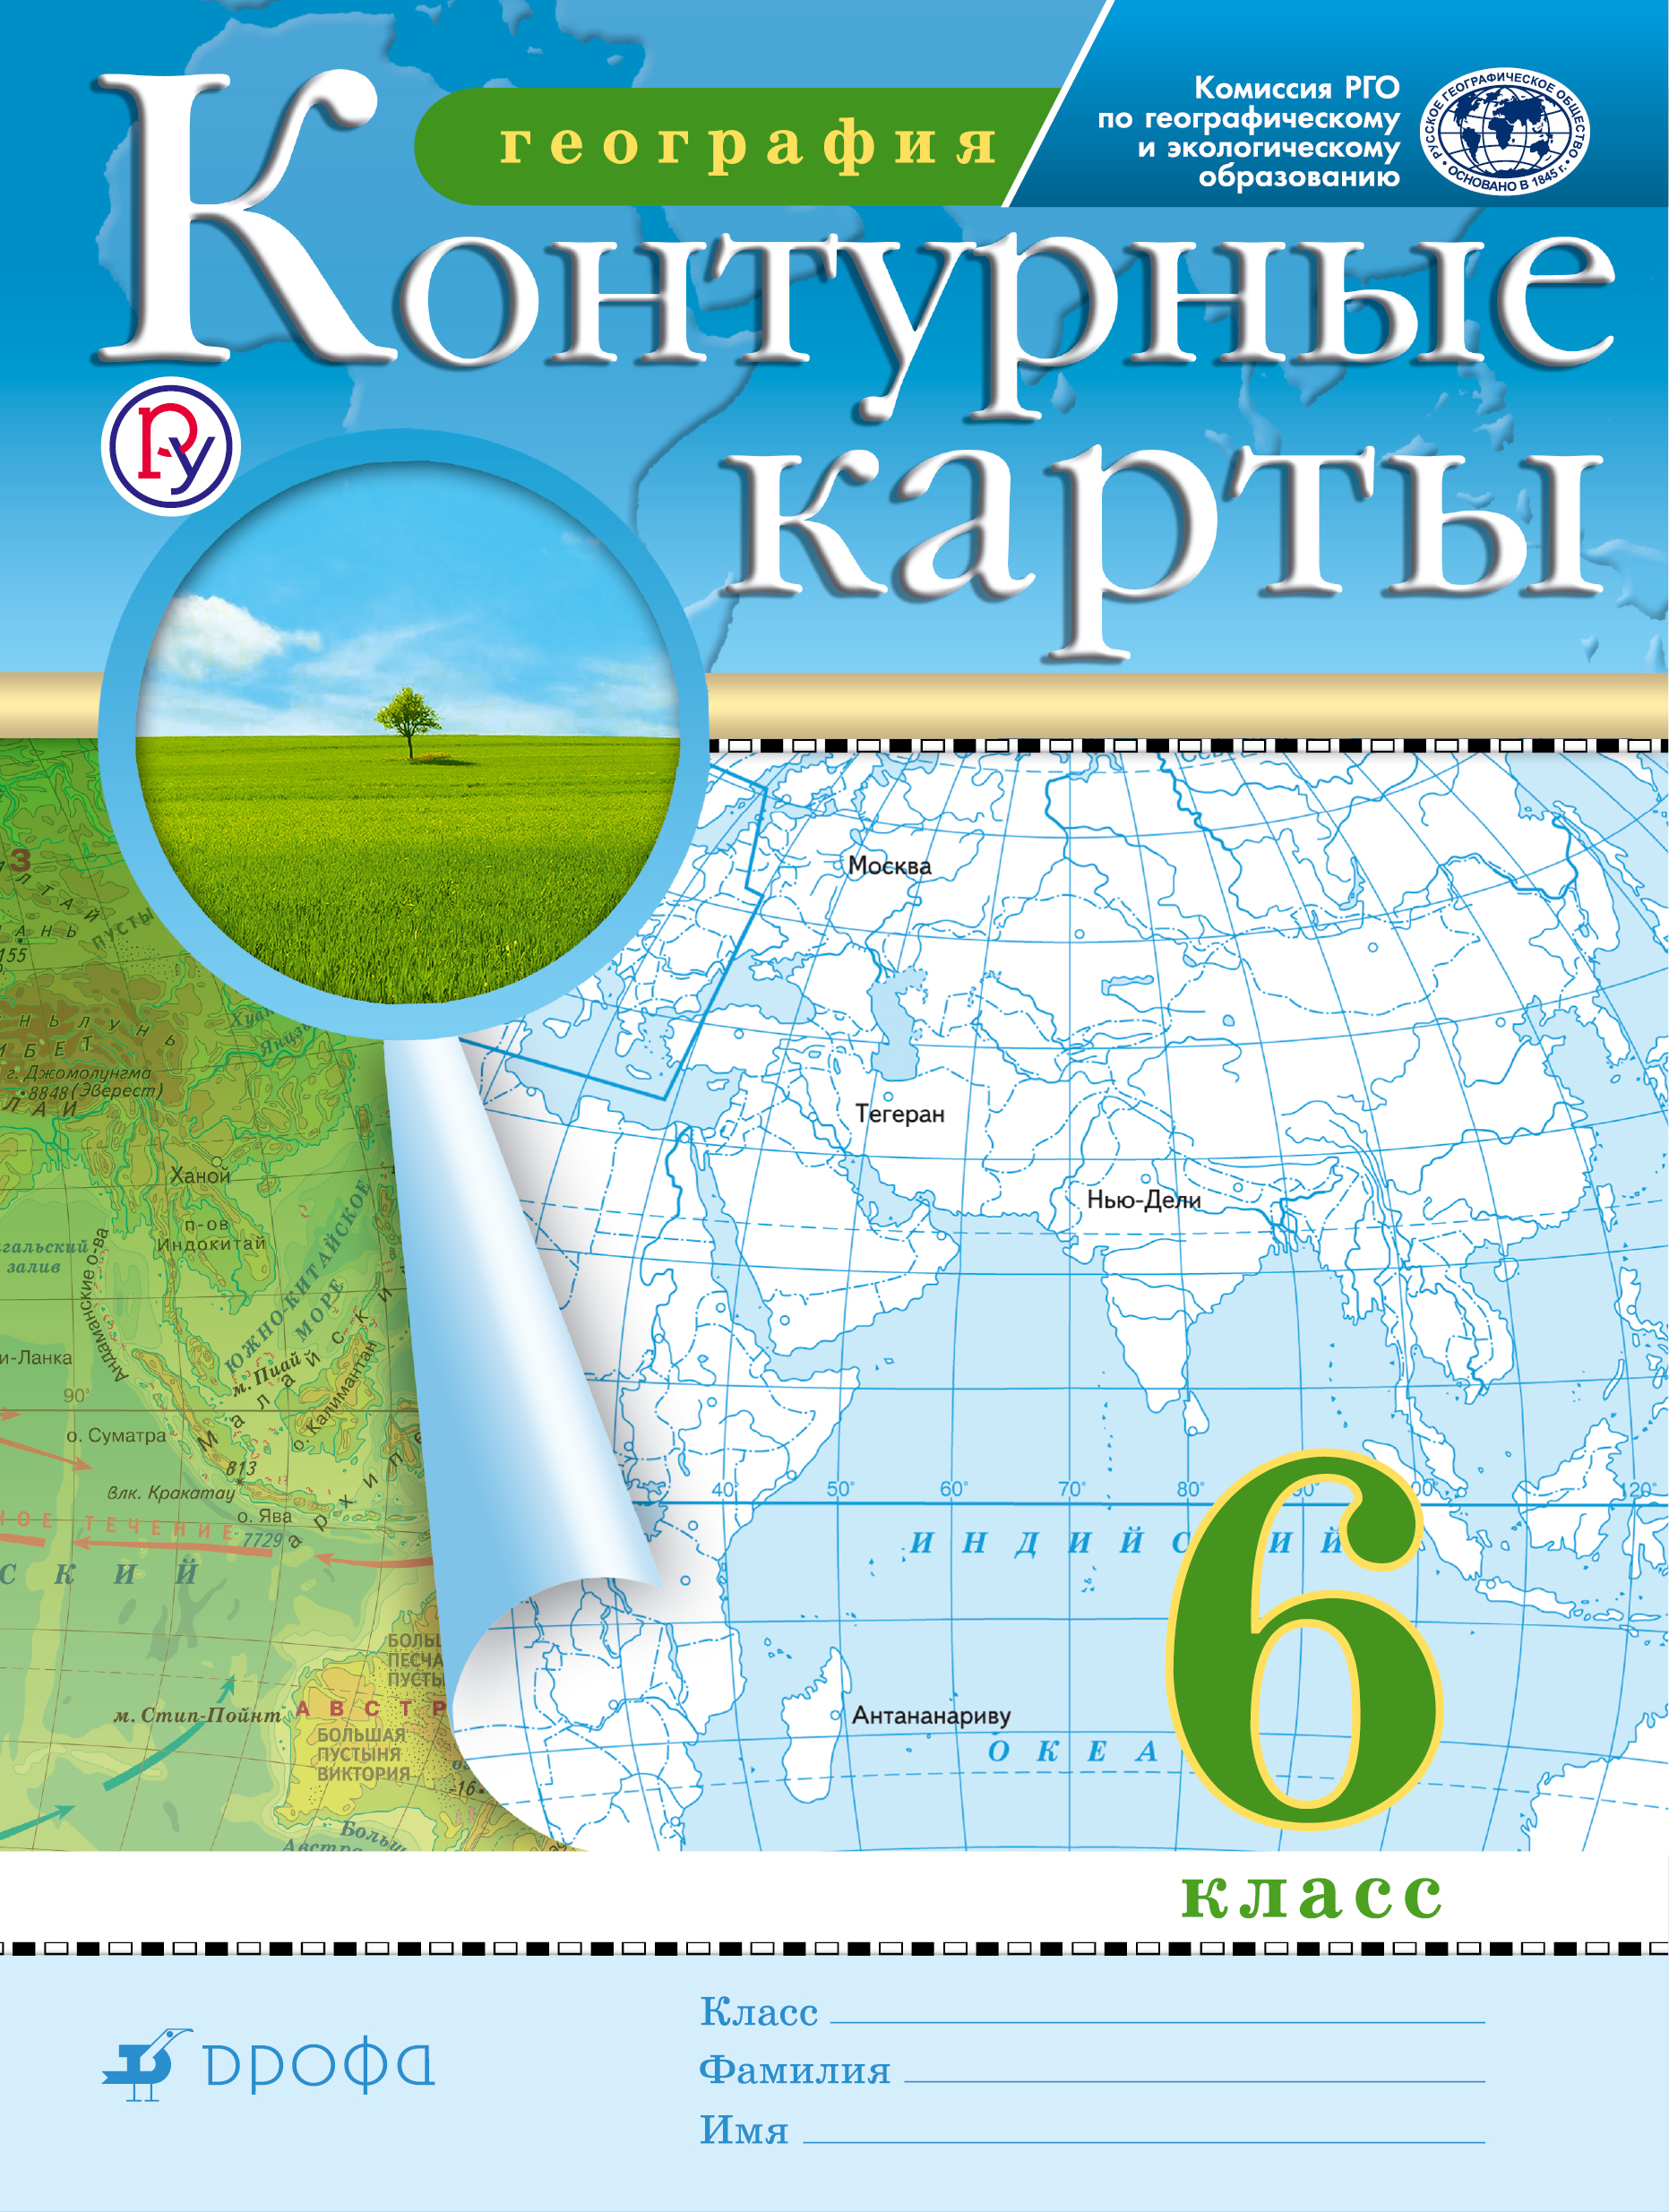 География. 6 класс. Контурные карты. (Традиционный комплект) (РГО) научная литература по географии